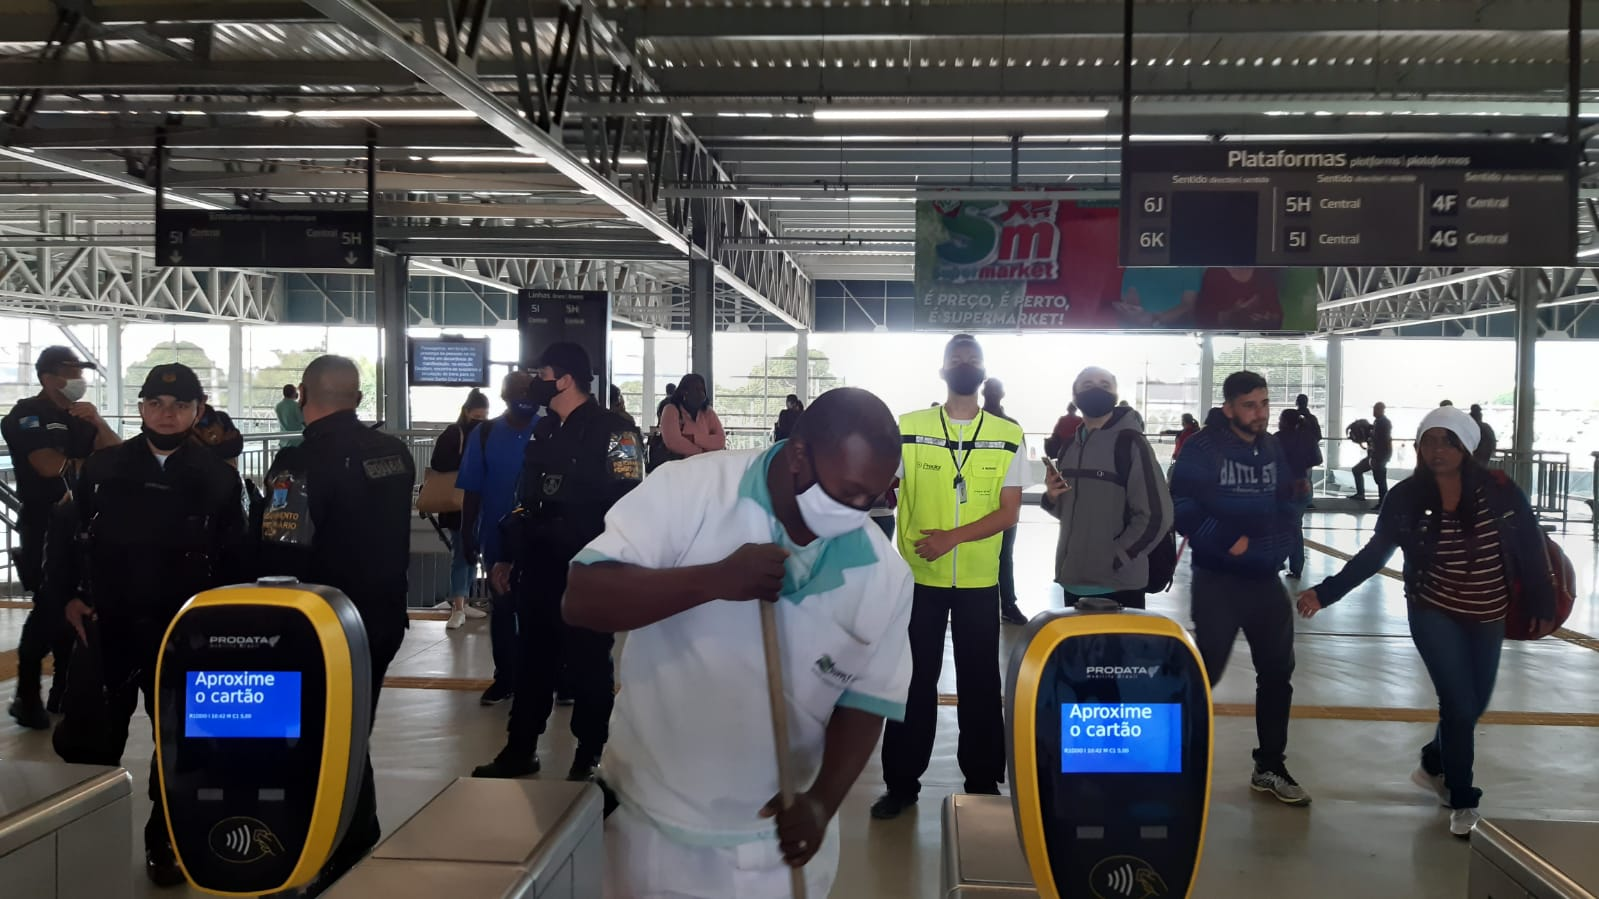 Na imagem, situação de protesto no trem em Deodoro